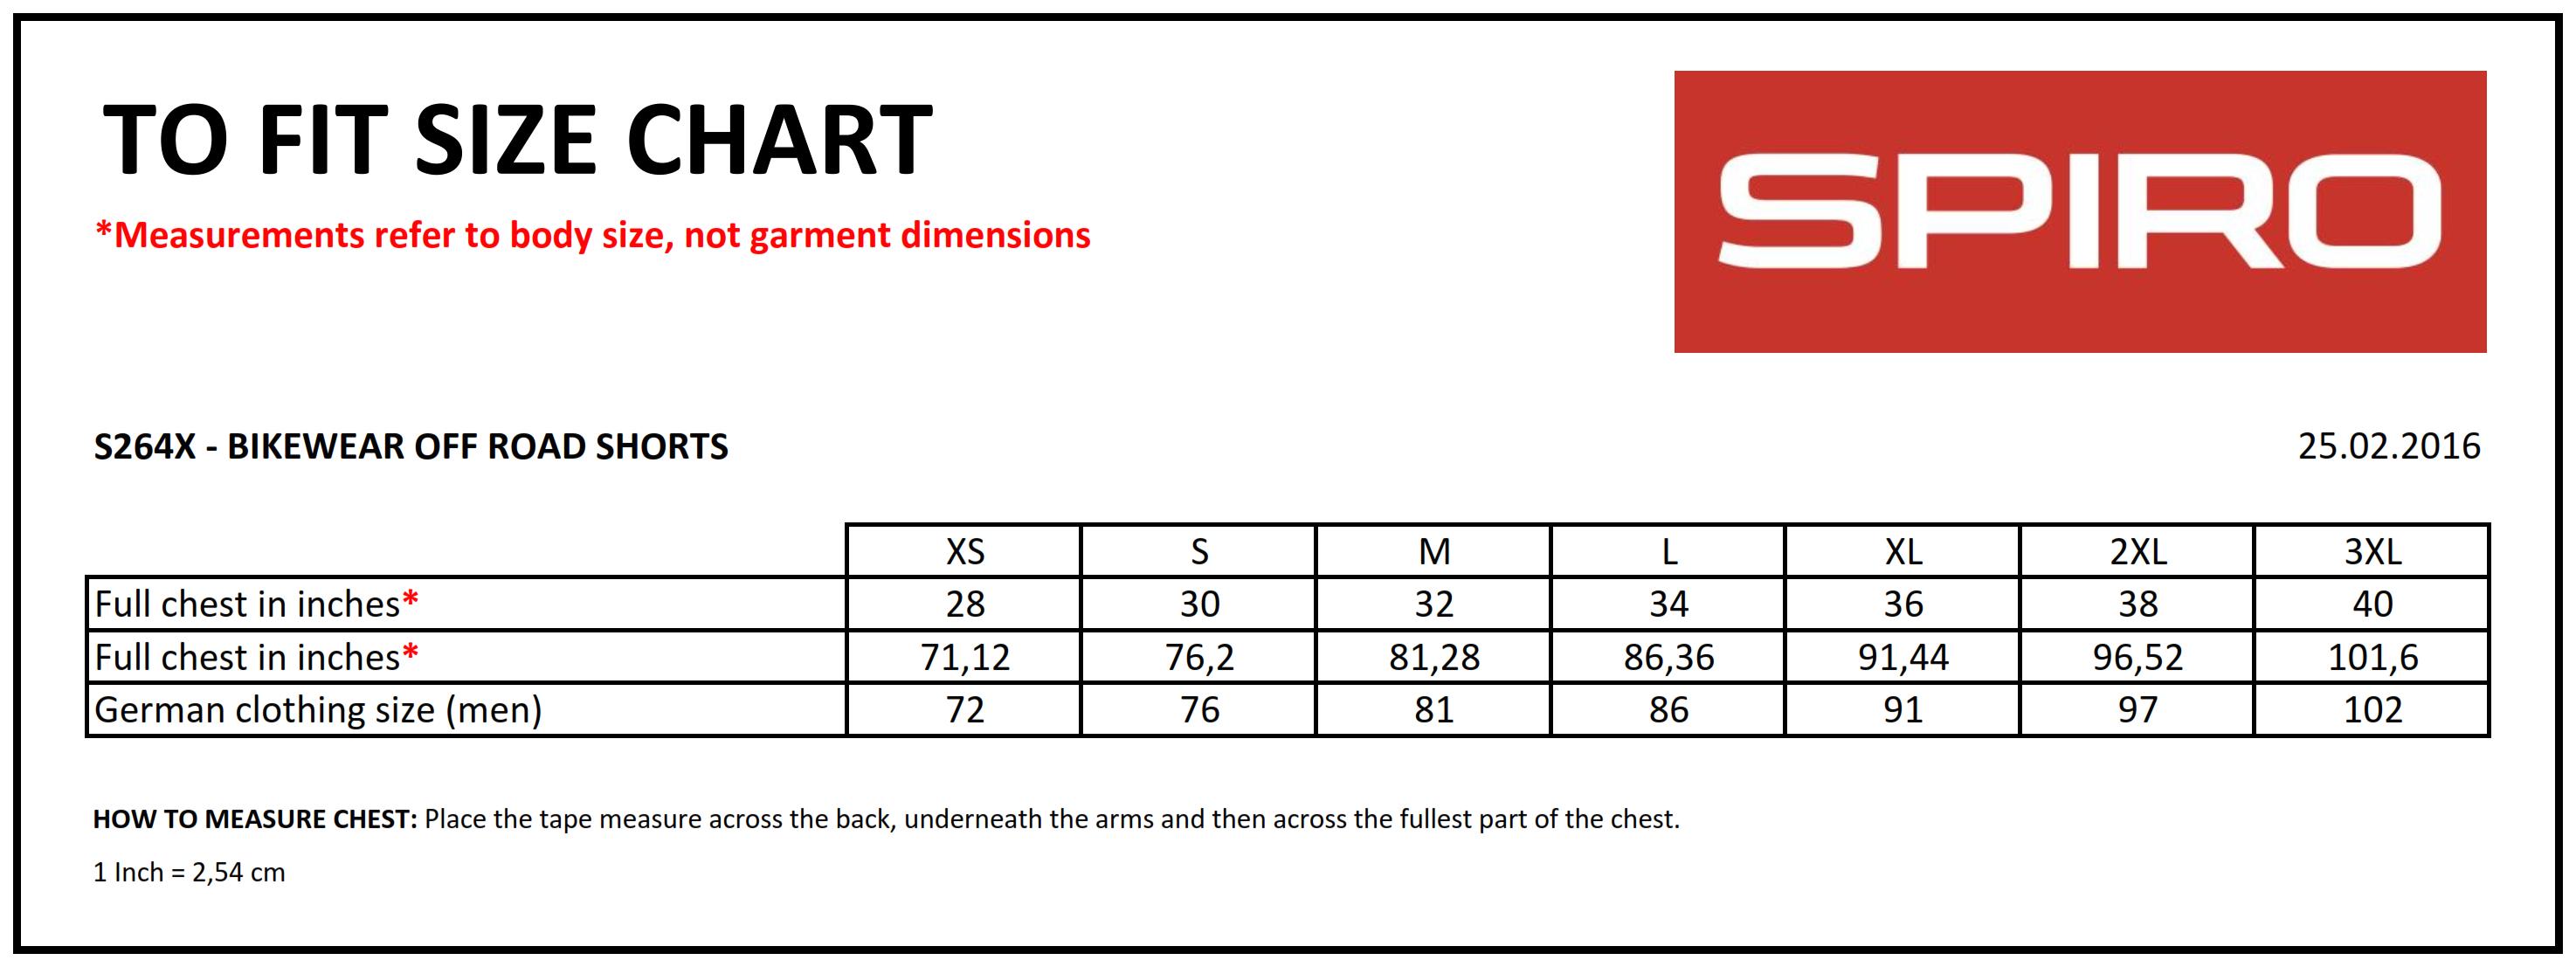 Result: Spiro Bikewear Off Road Shorts S264X